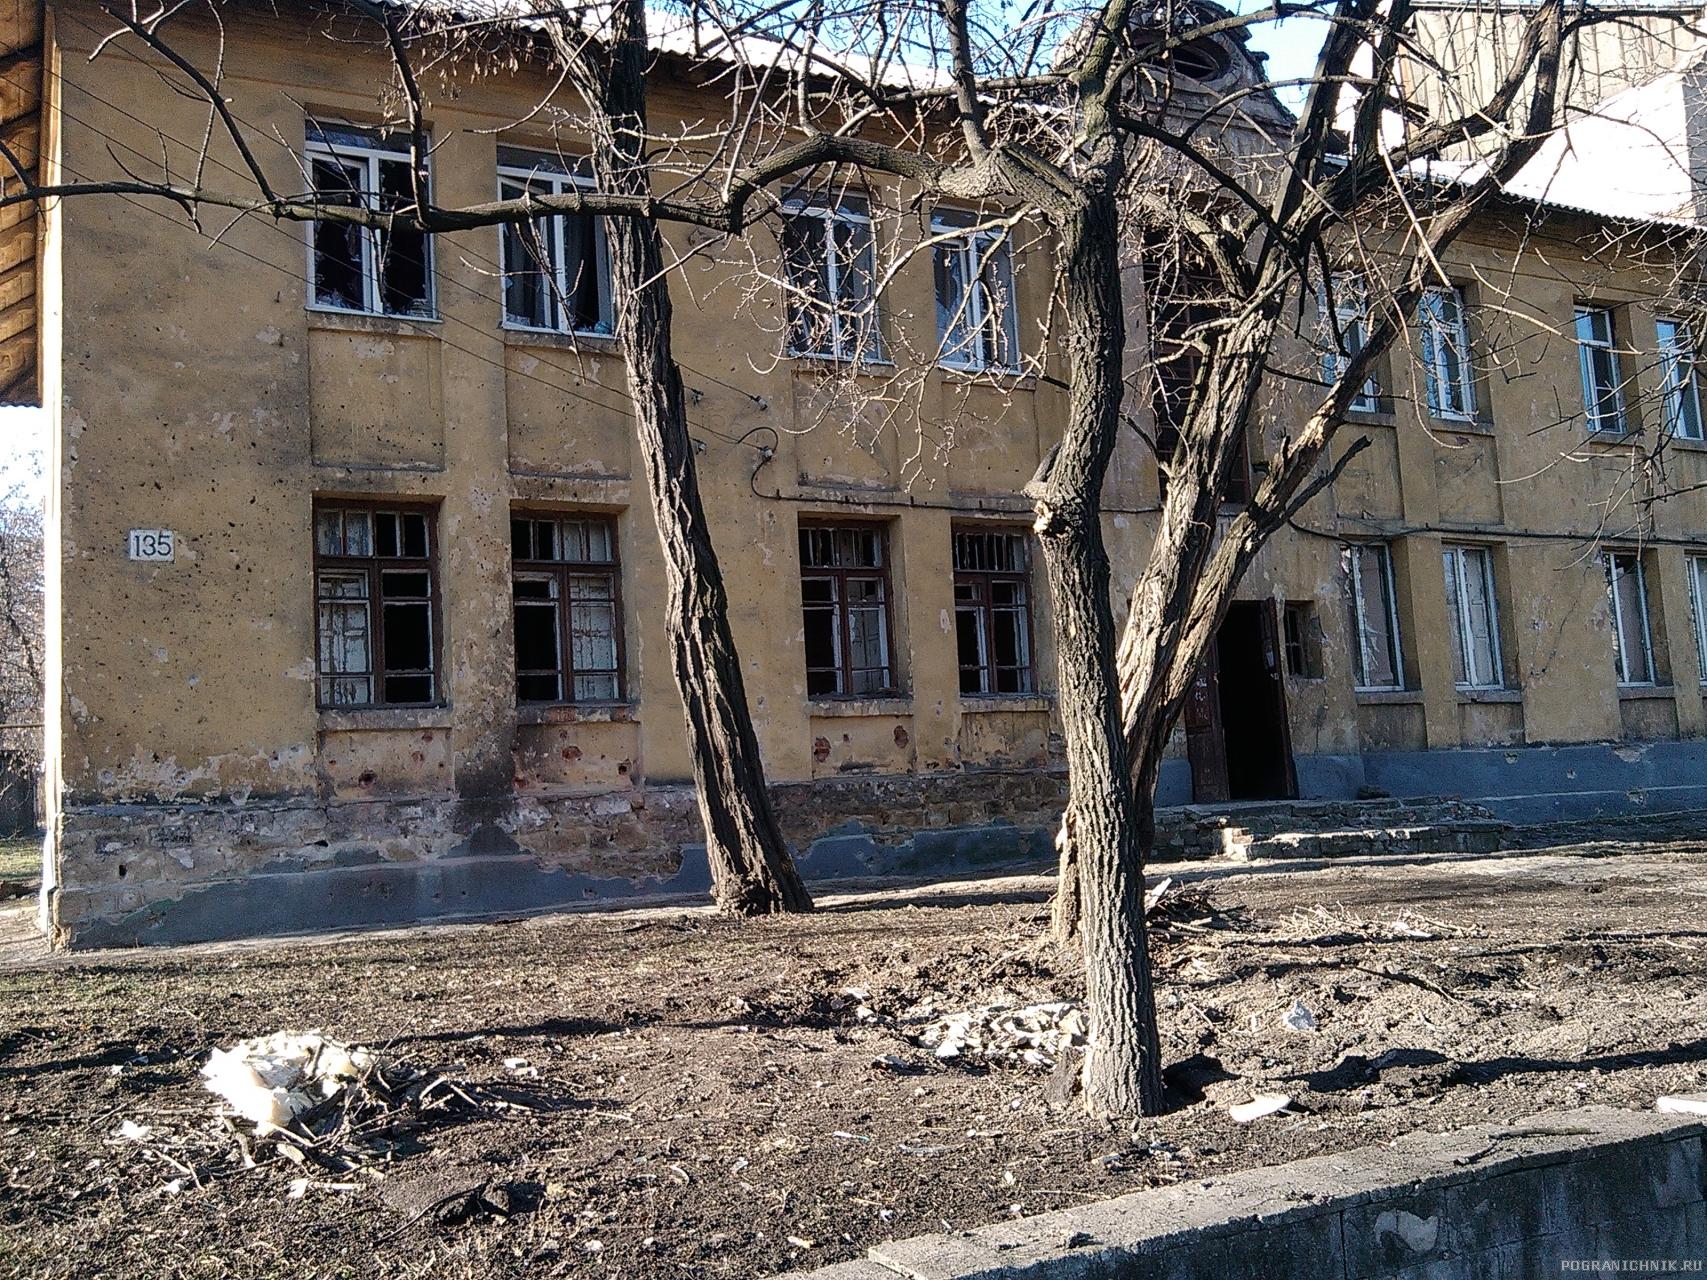 ул. Ткаченко. Попадание во двор жилого дома